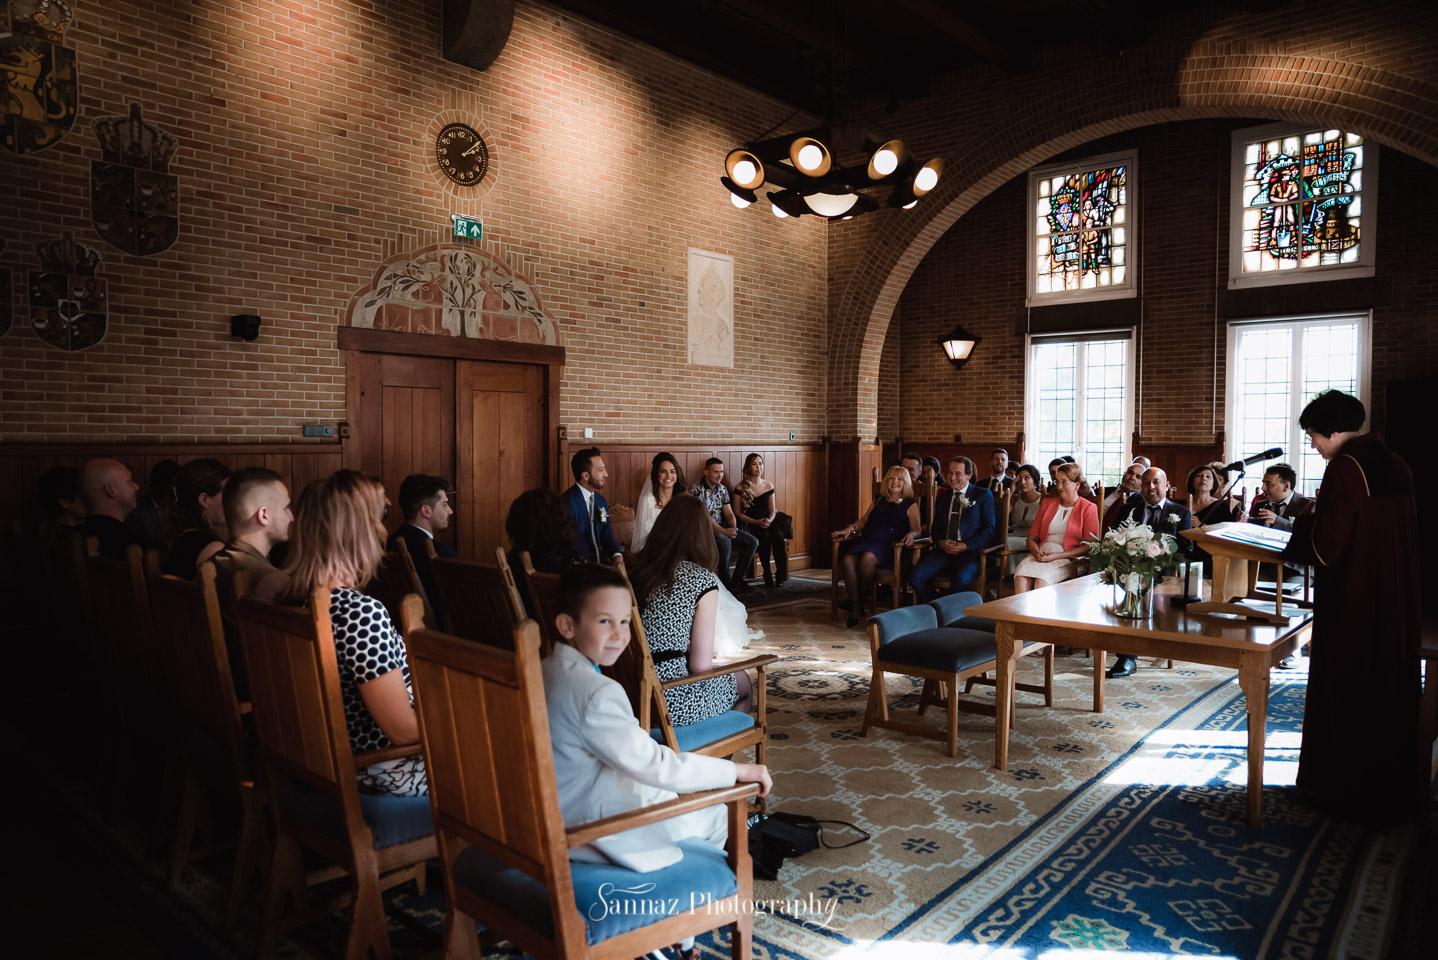 Het mooie Gemeentehuis van Leidschendam-Voorburg was gevuld met deze blije familie en vrienden.